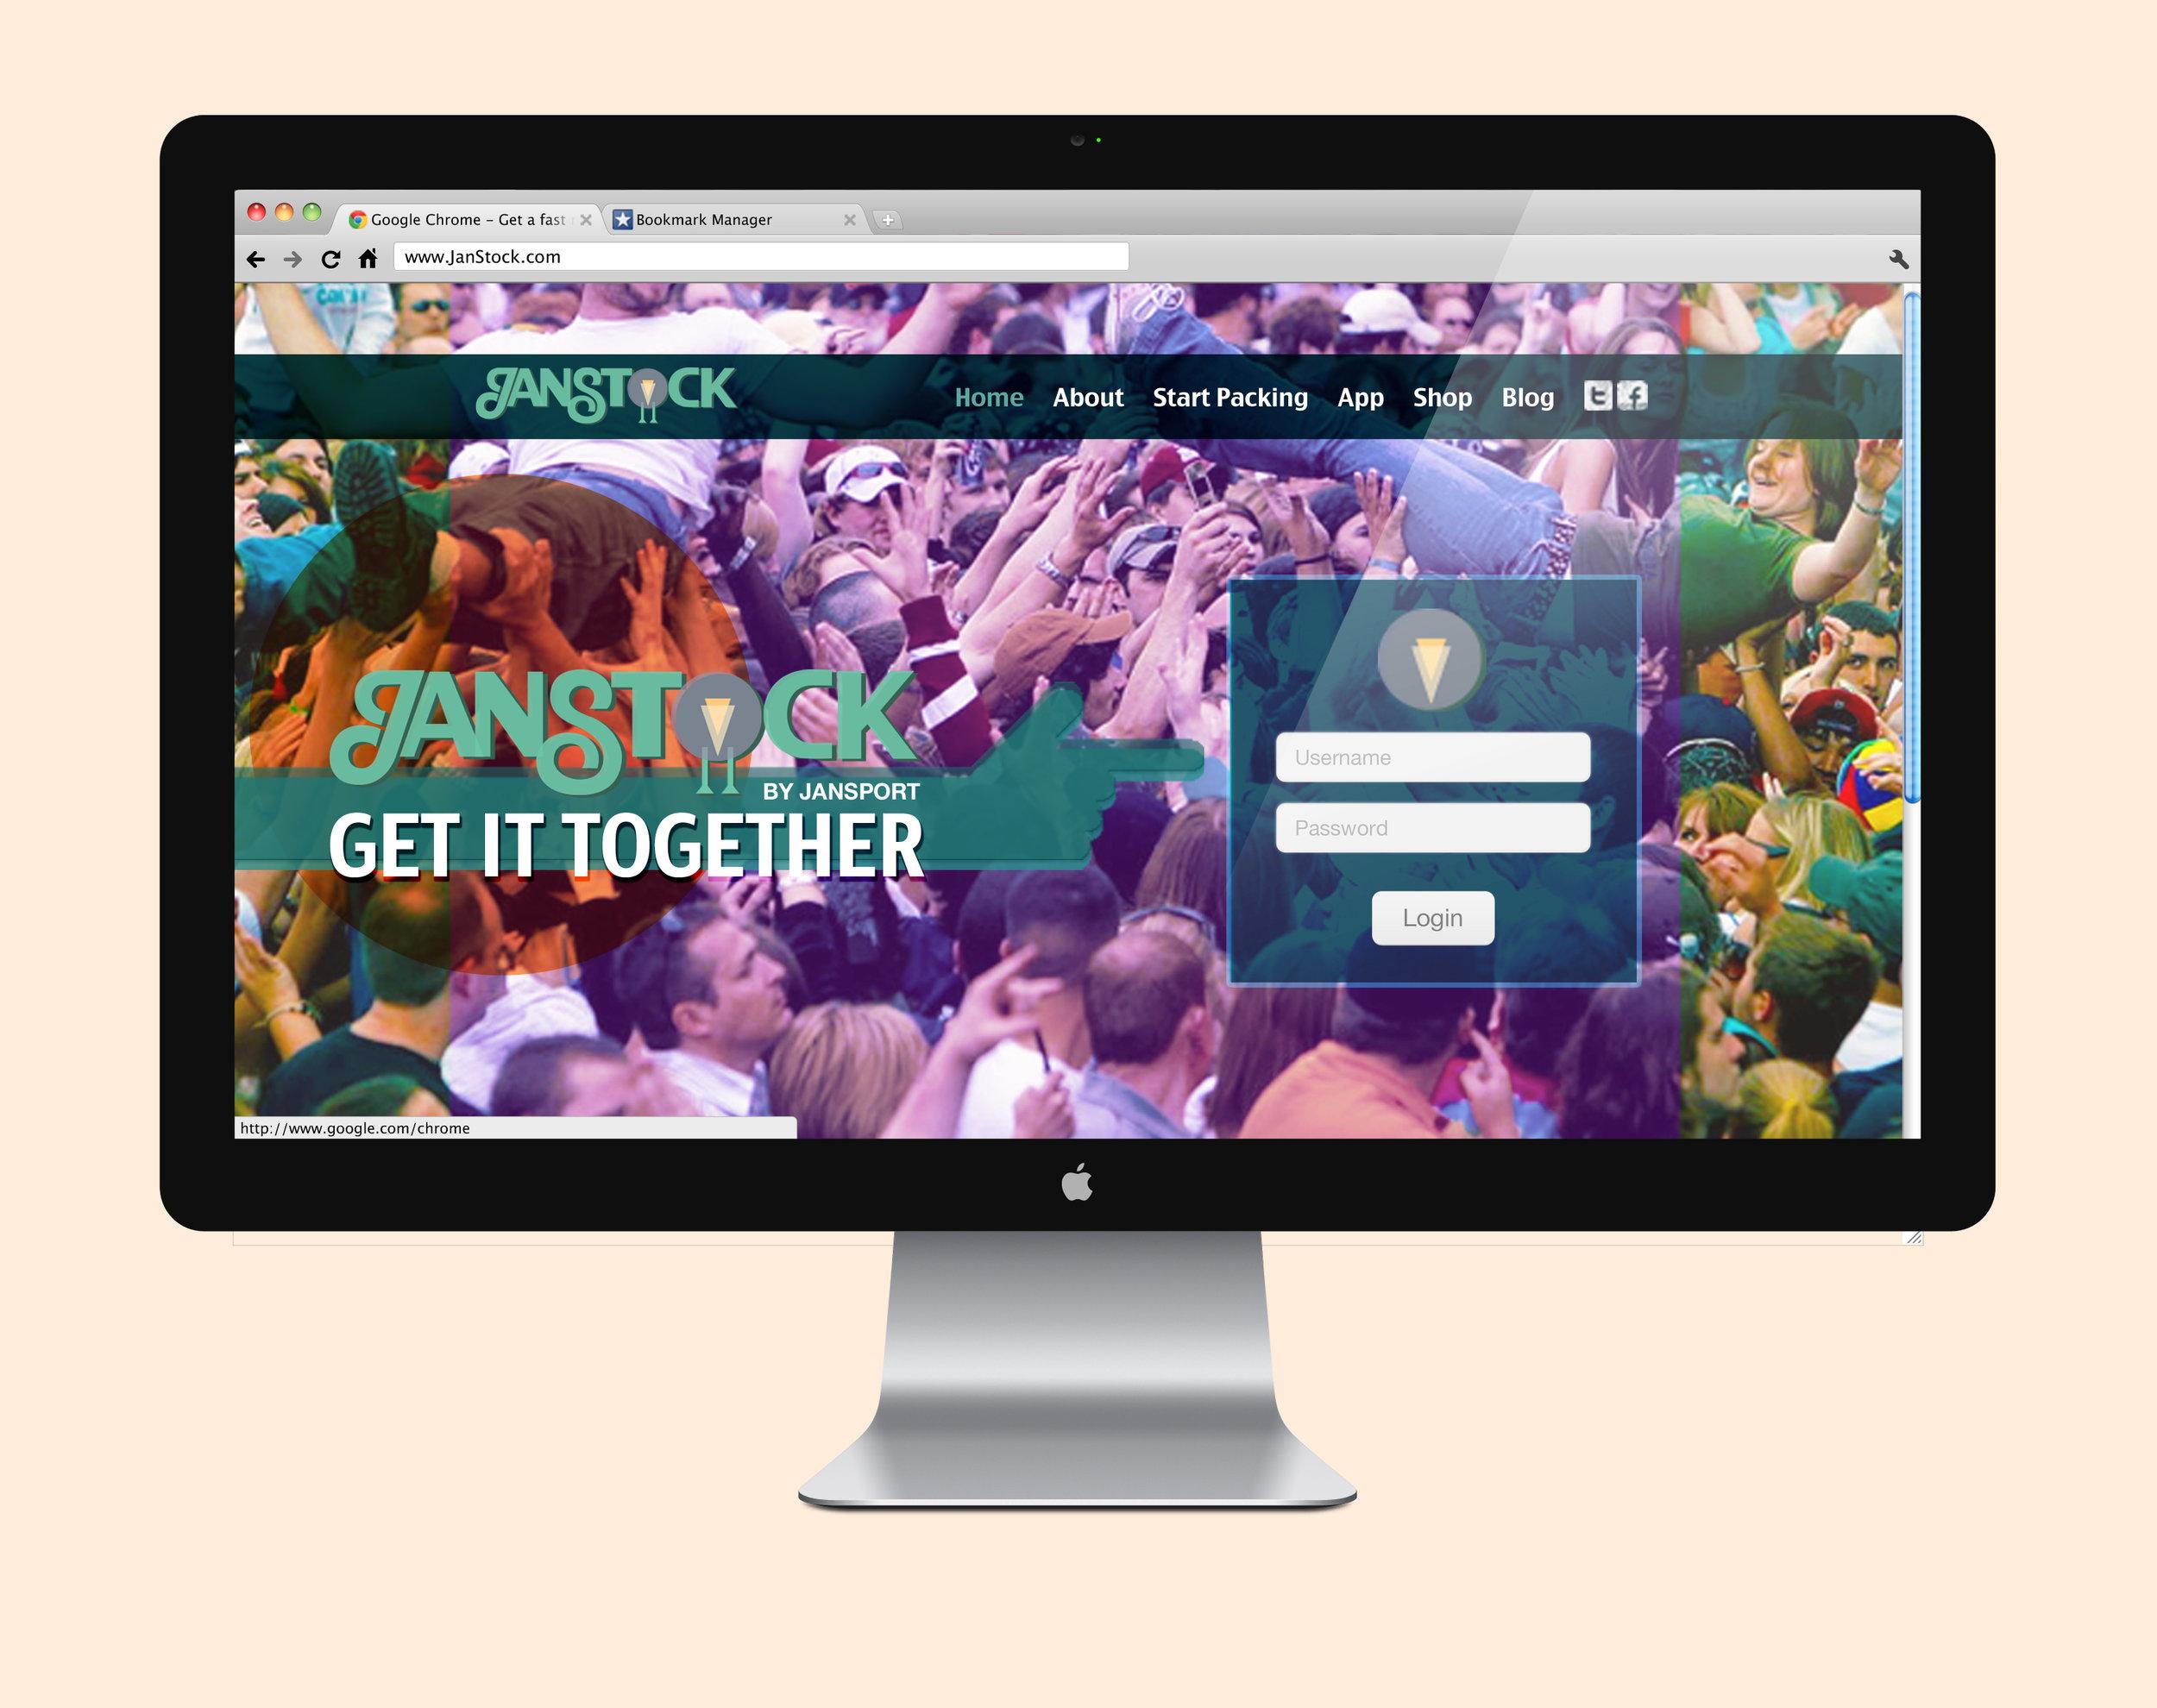 janstock homepage.jpg